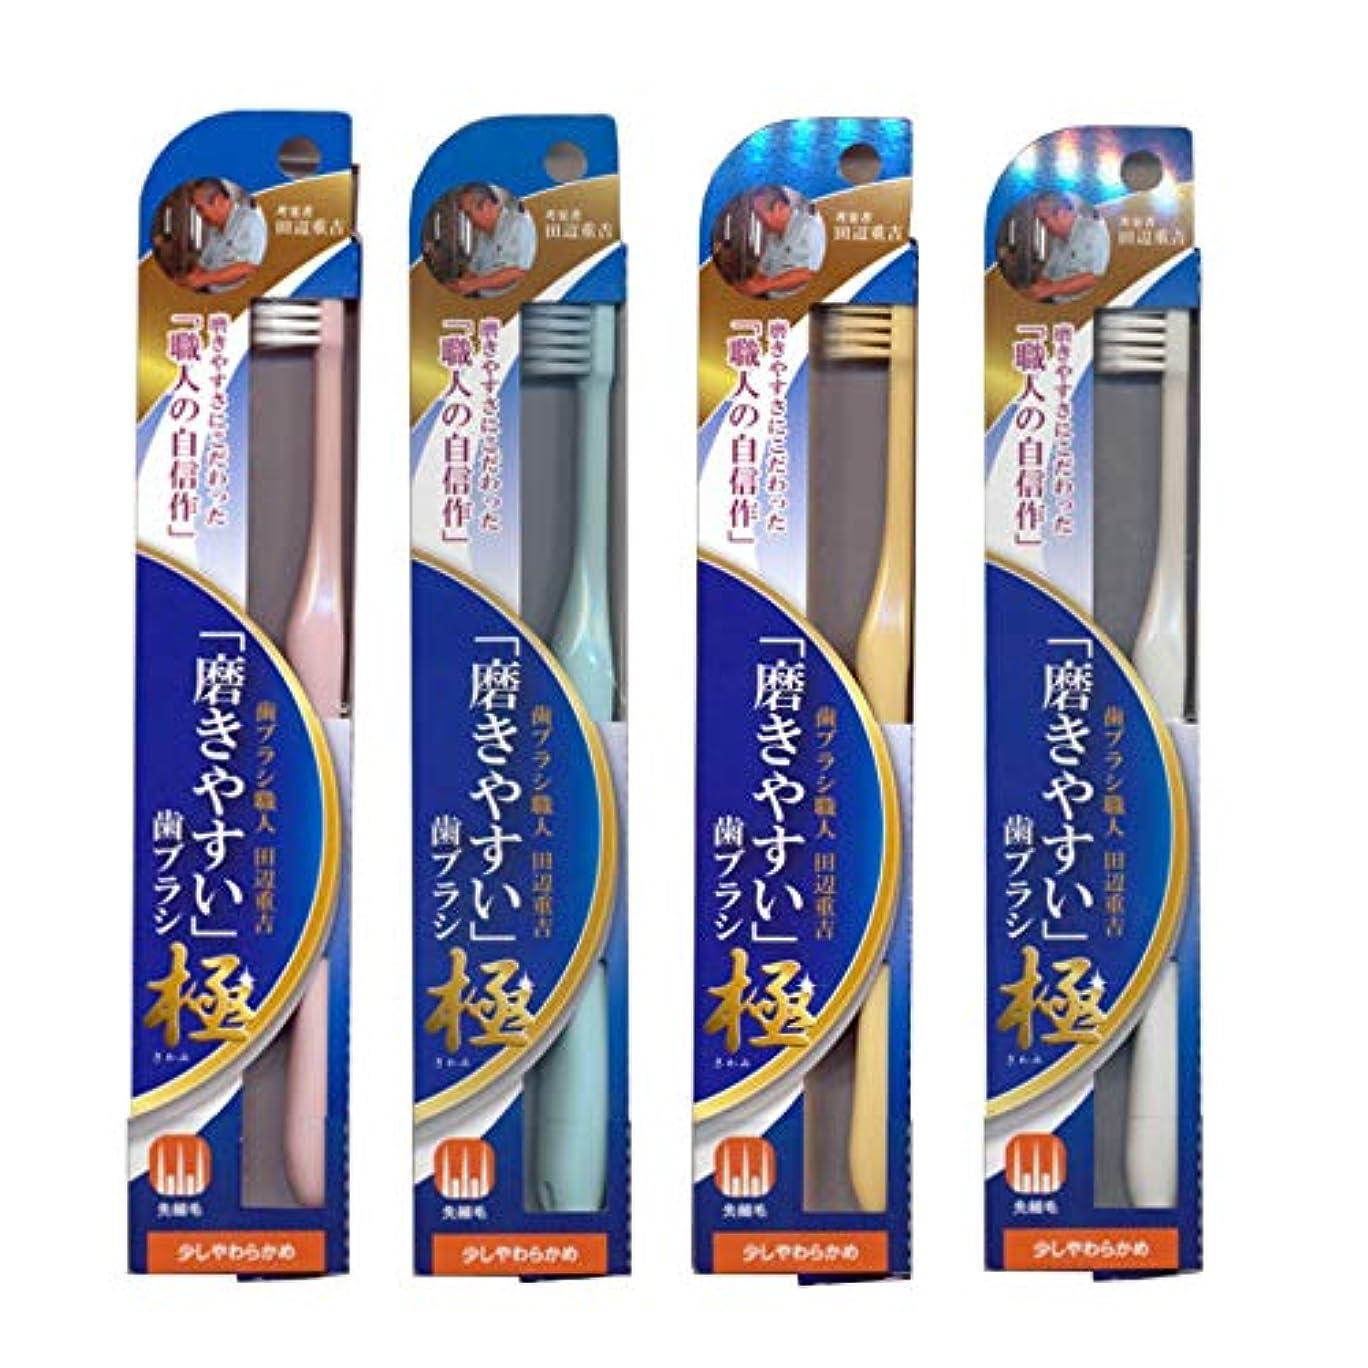 精通した治療十磨きやすい歯ブラシ極 (少し柔らかめ) LT-43×4本セット(ピンク×1、ブルー×1、ホワイト×1、イエロー×1) 先細毛